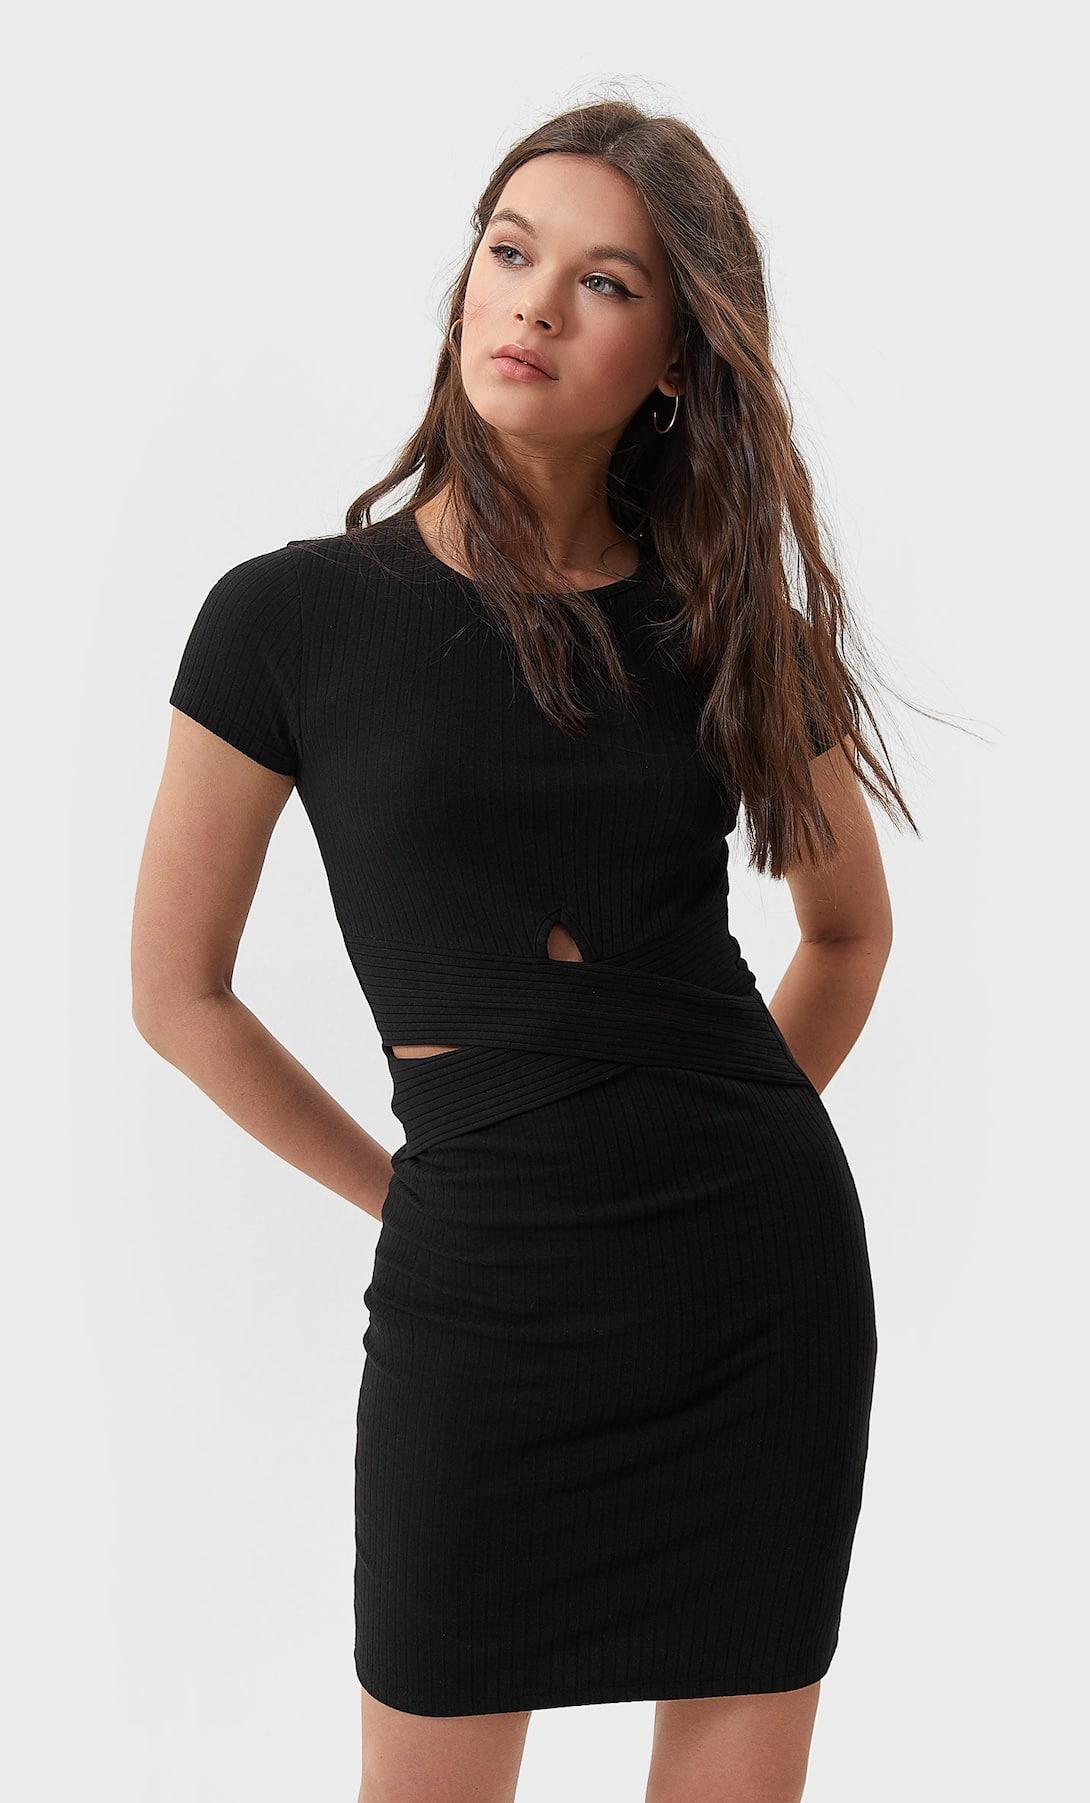 Karcsúsító egészruhák nyárra - Szépség és divat   Femina